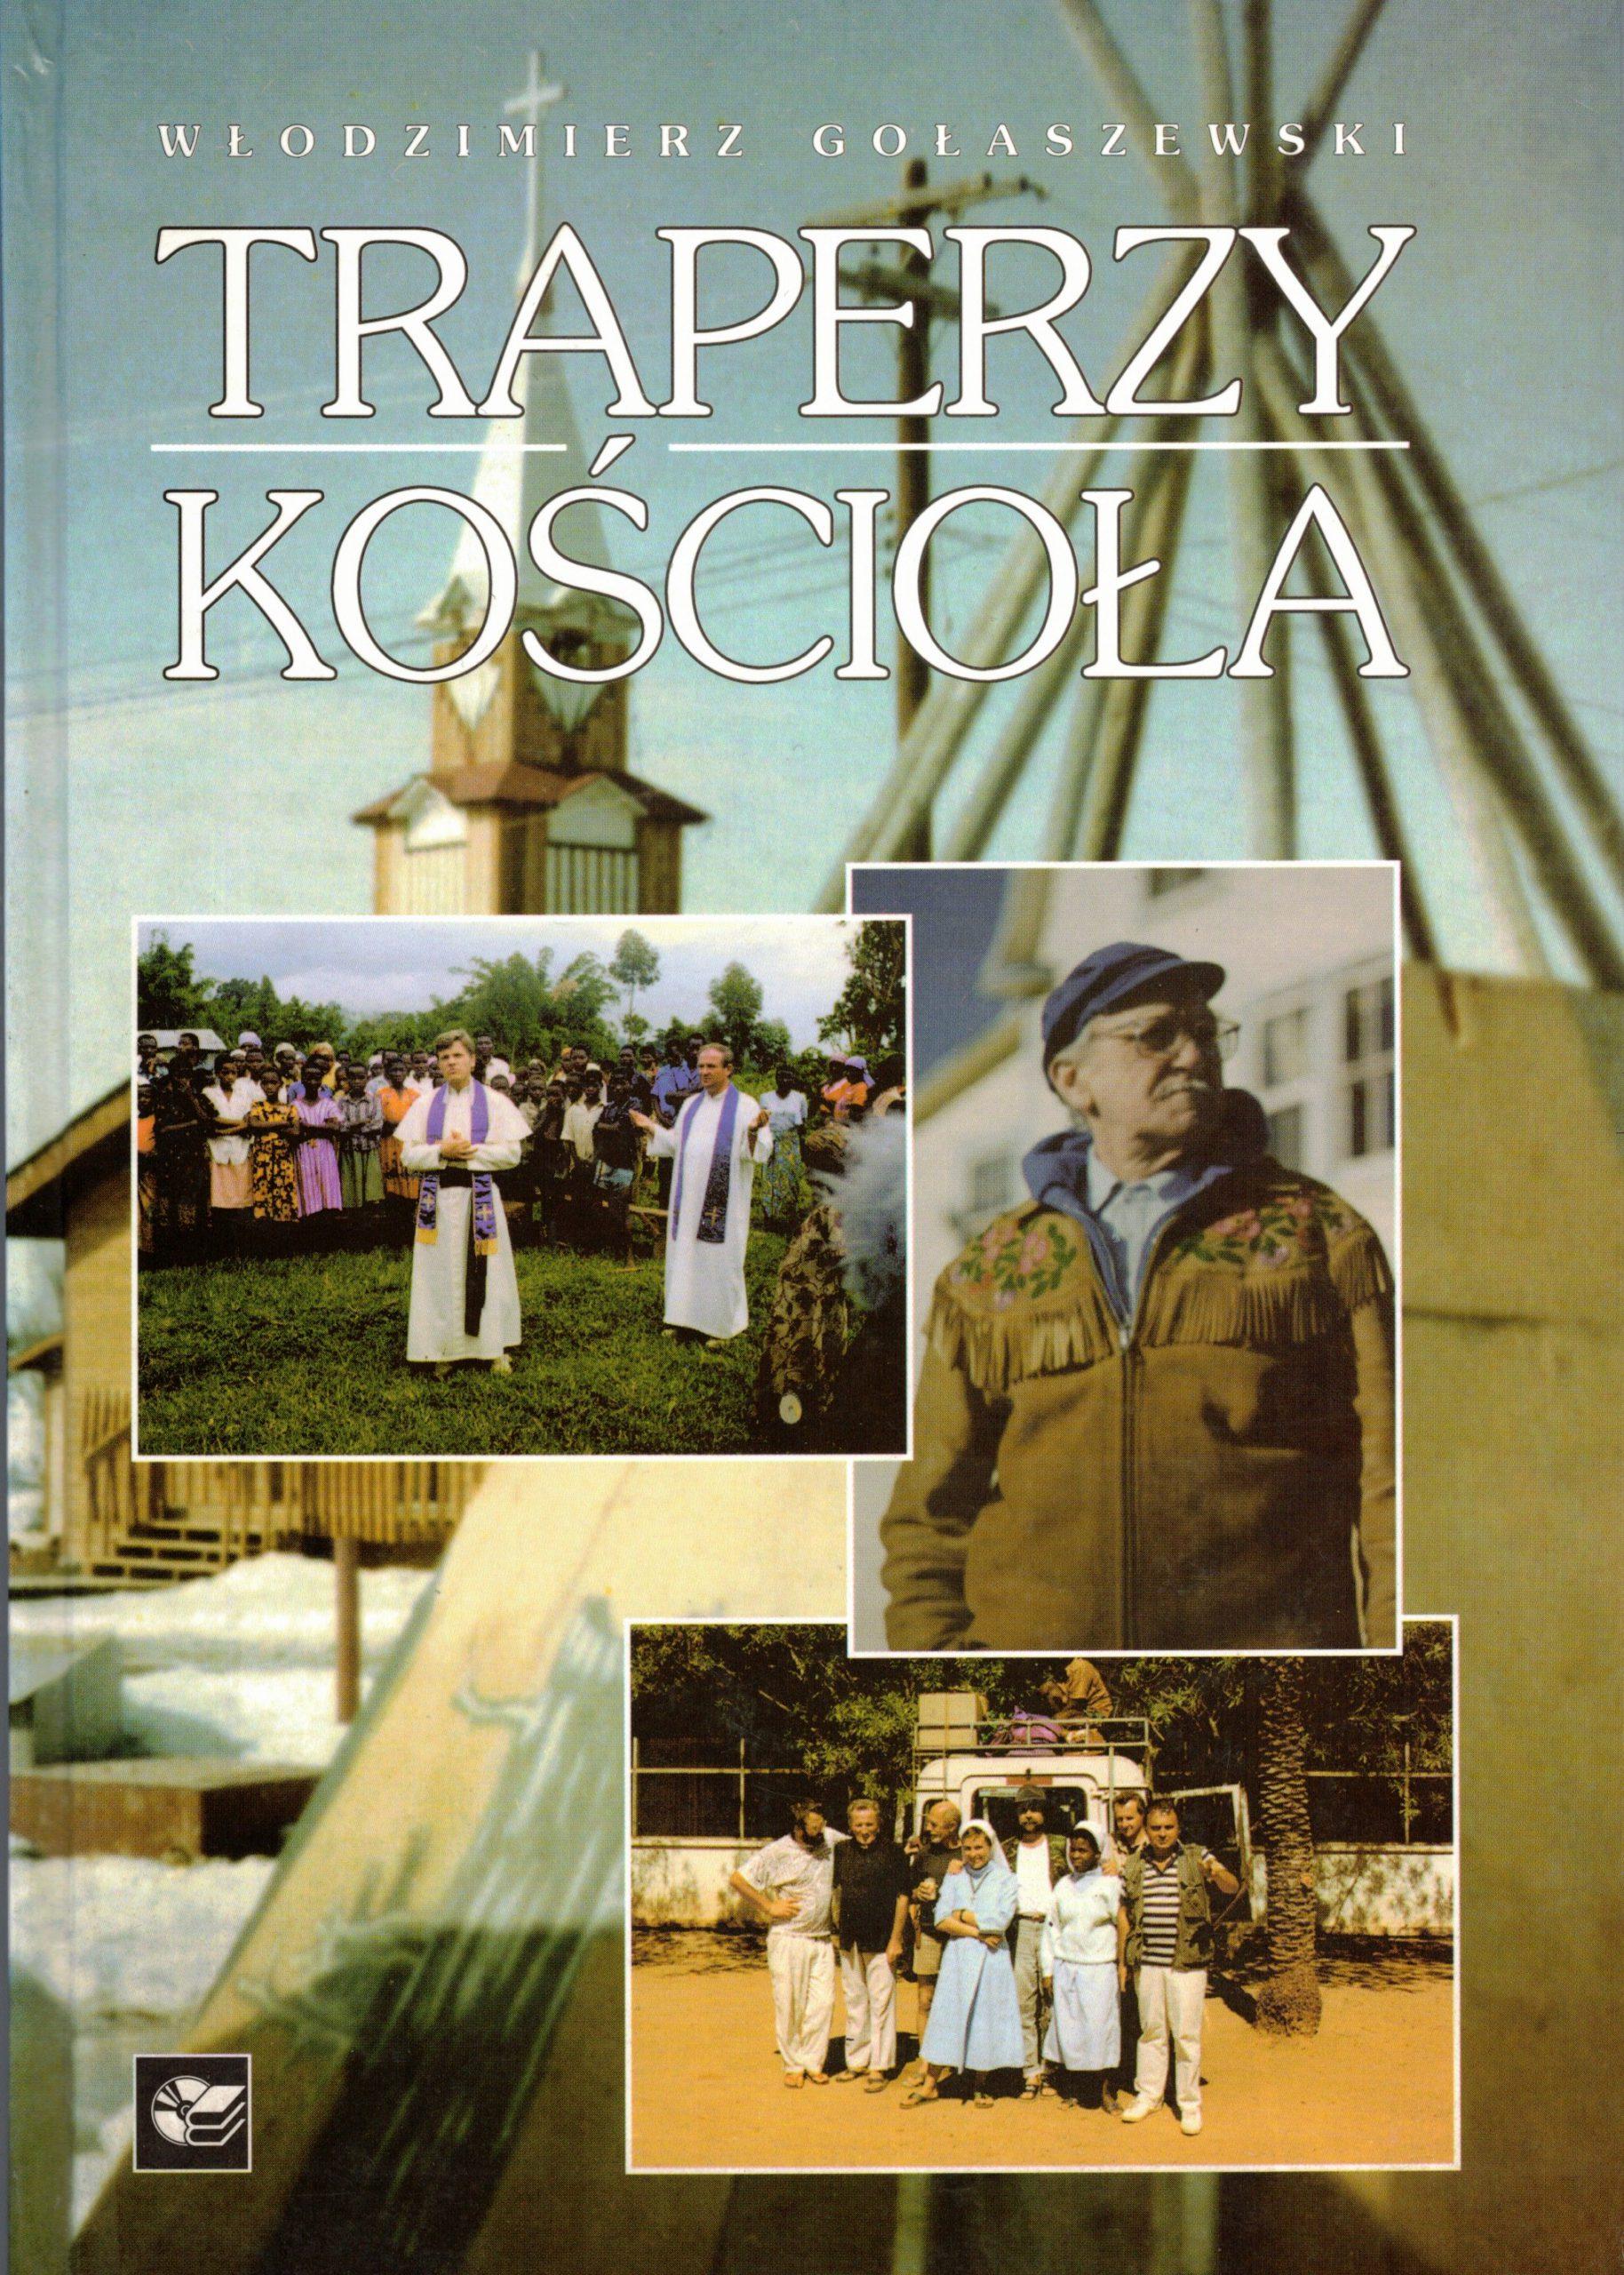 Misjonarze (1993)